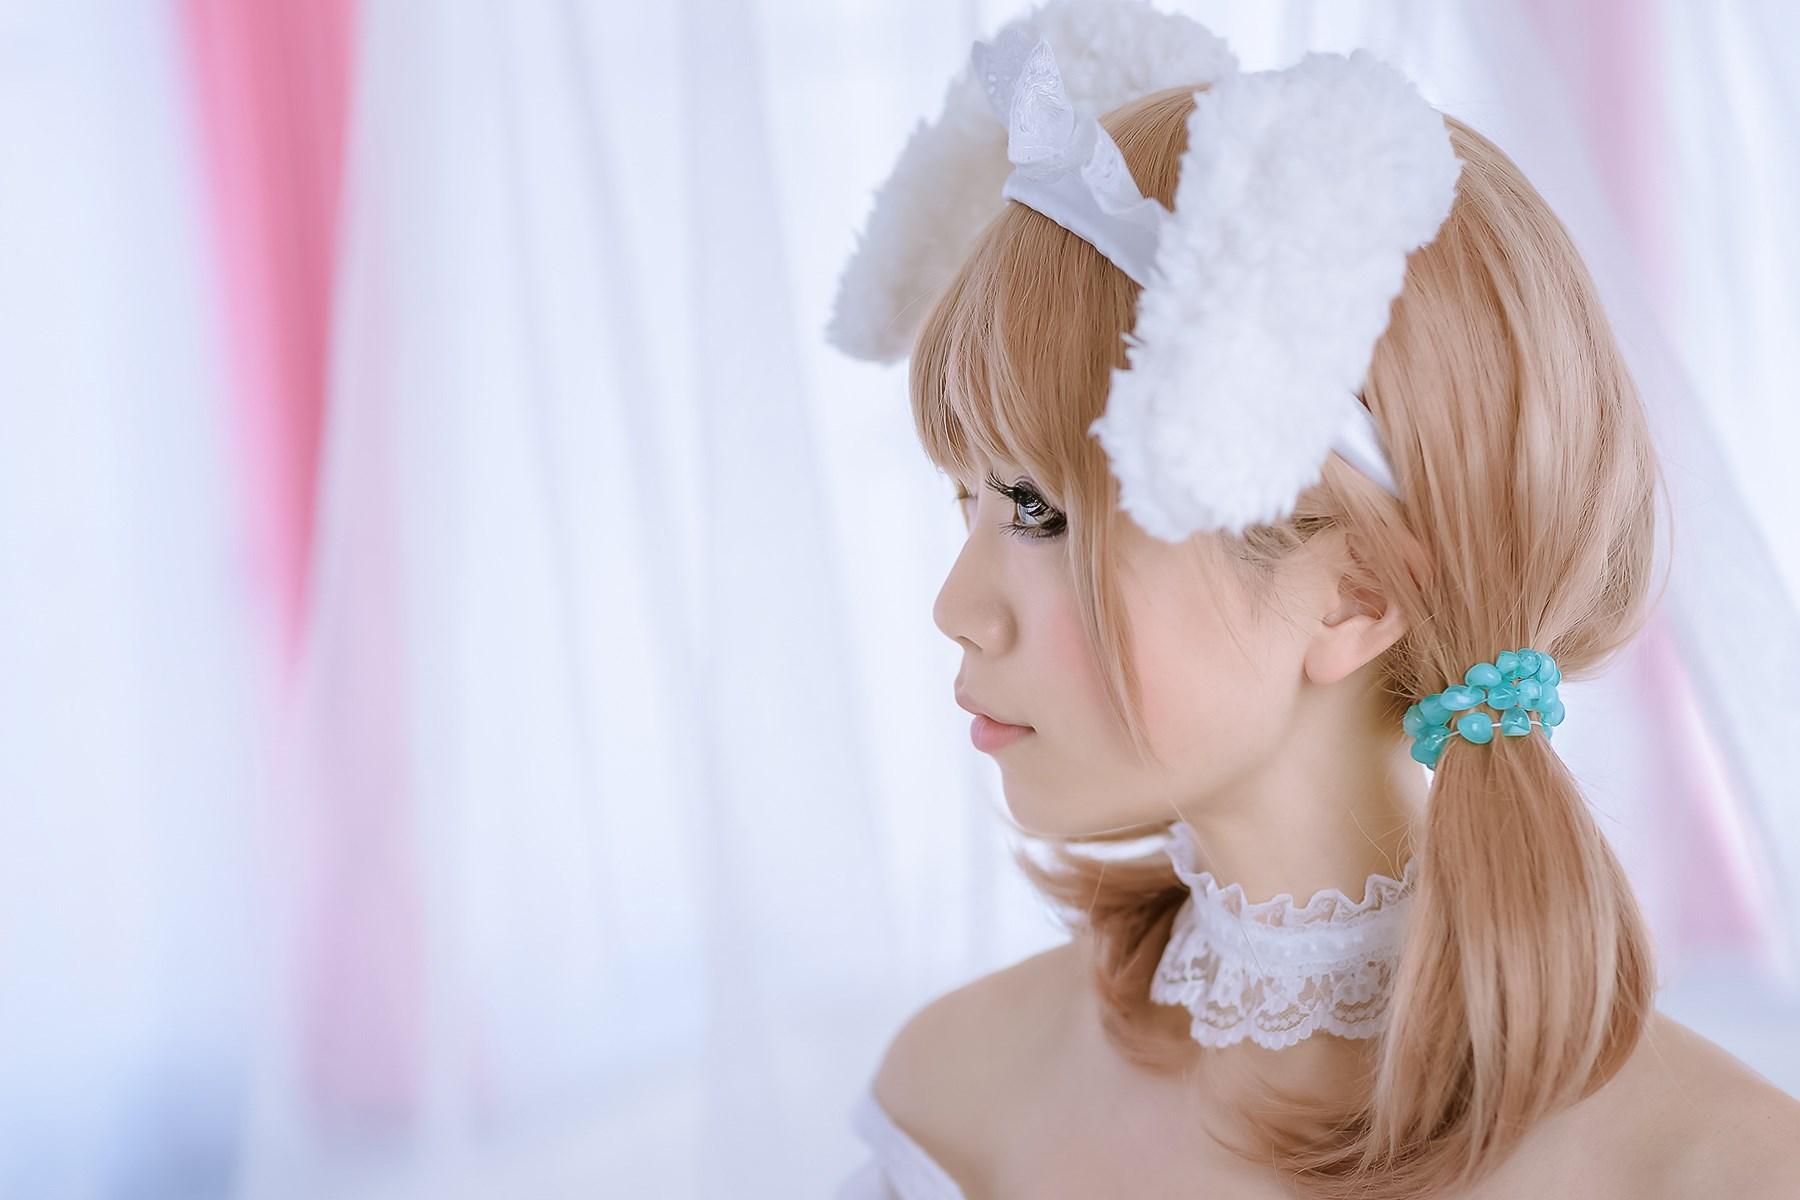 【兔玩映画】白网里的兔子 兔玩映画 第22张